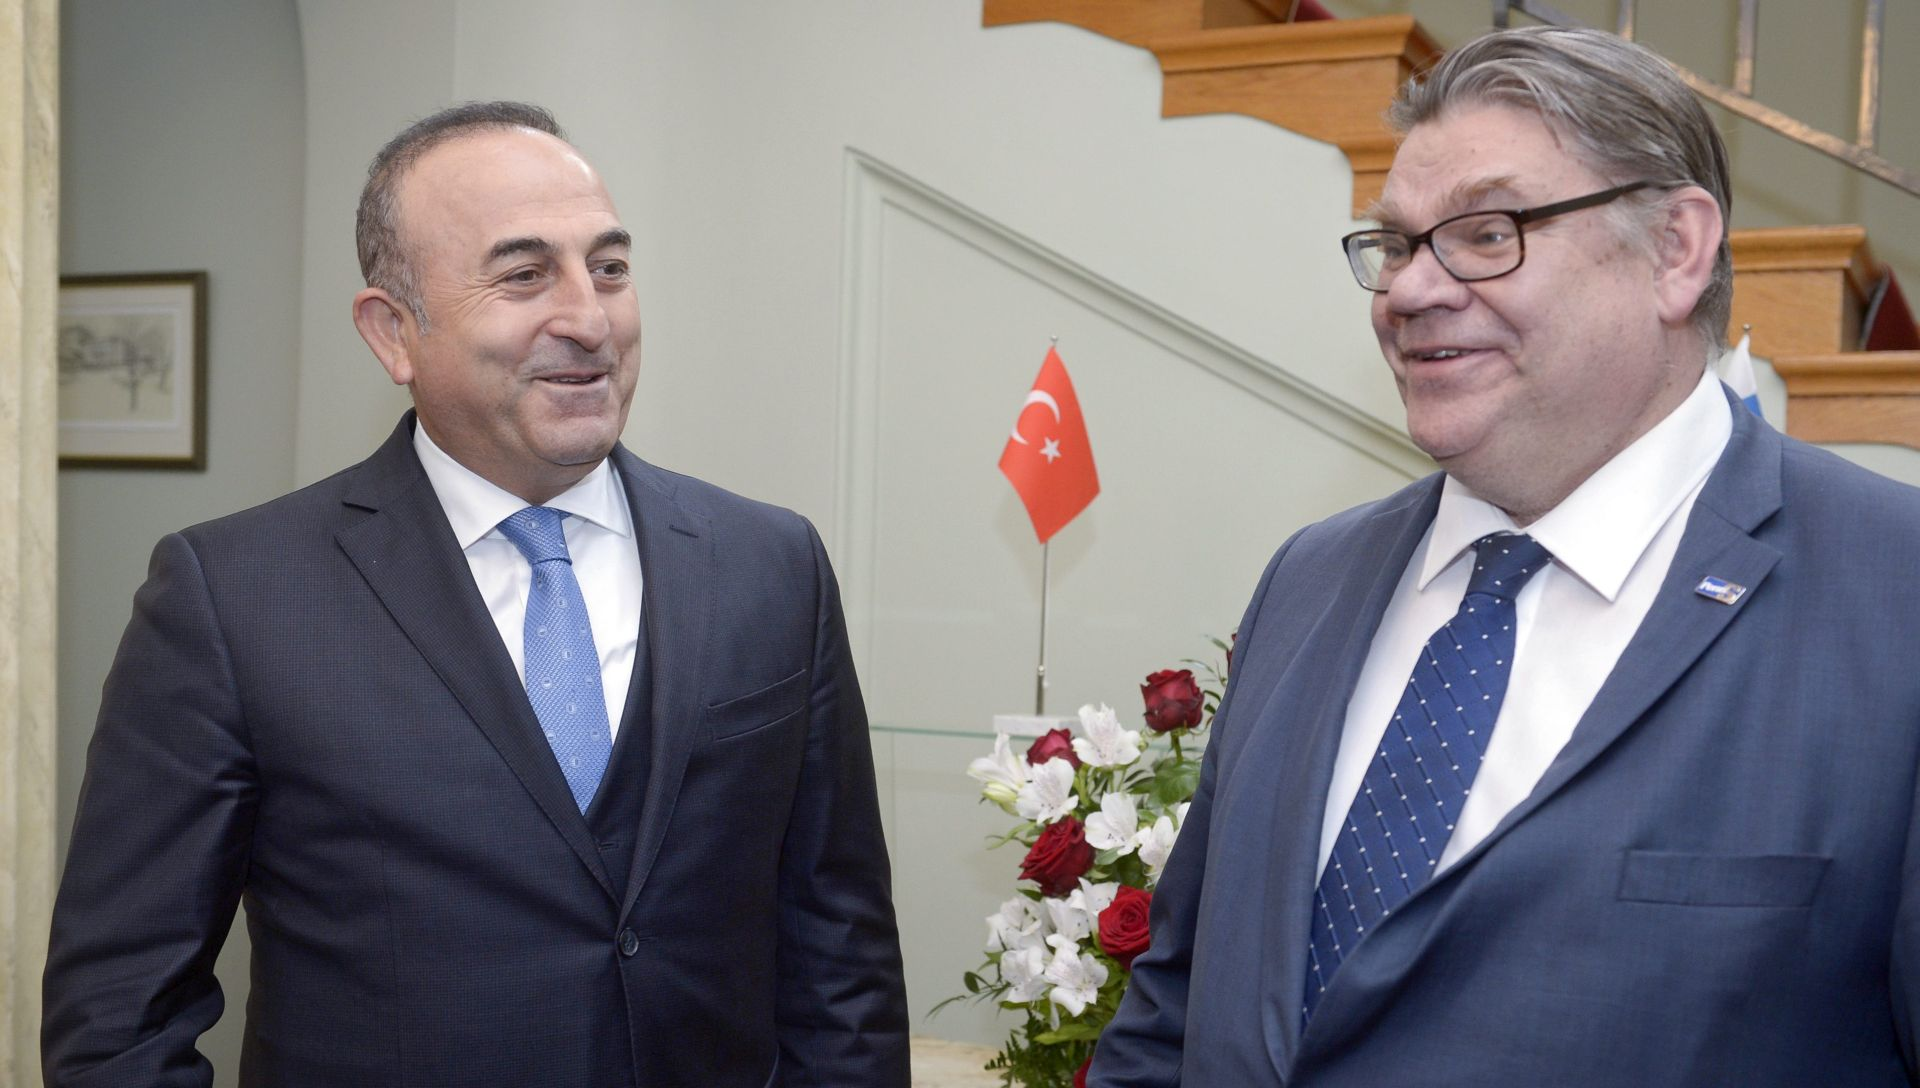 Cavusoglu tvrdi da mreža klerika Gulena stoji iza ubojstva ruskog veleposlanika